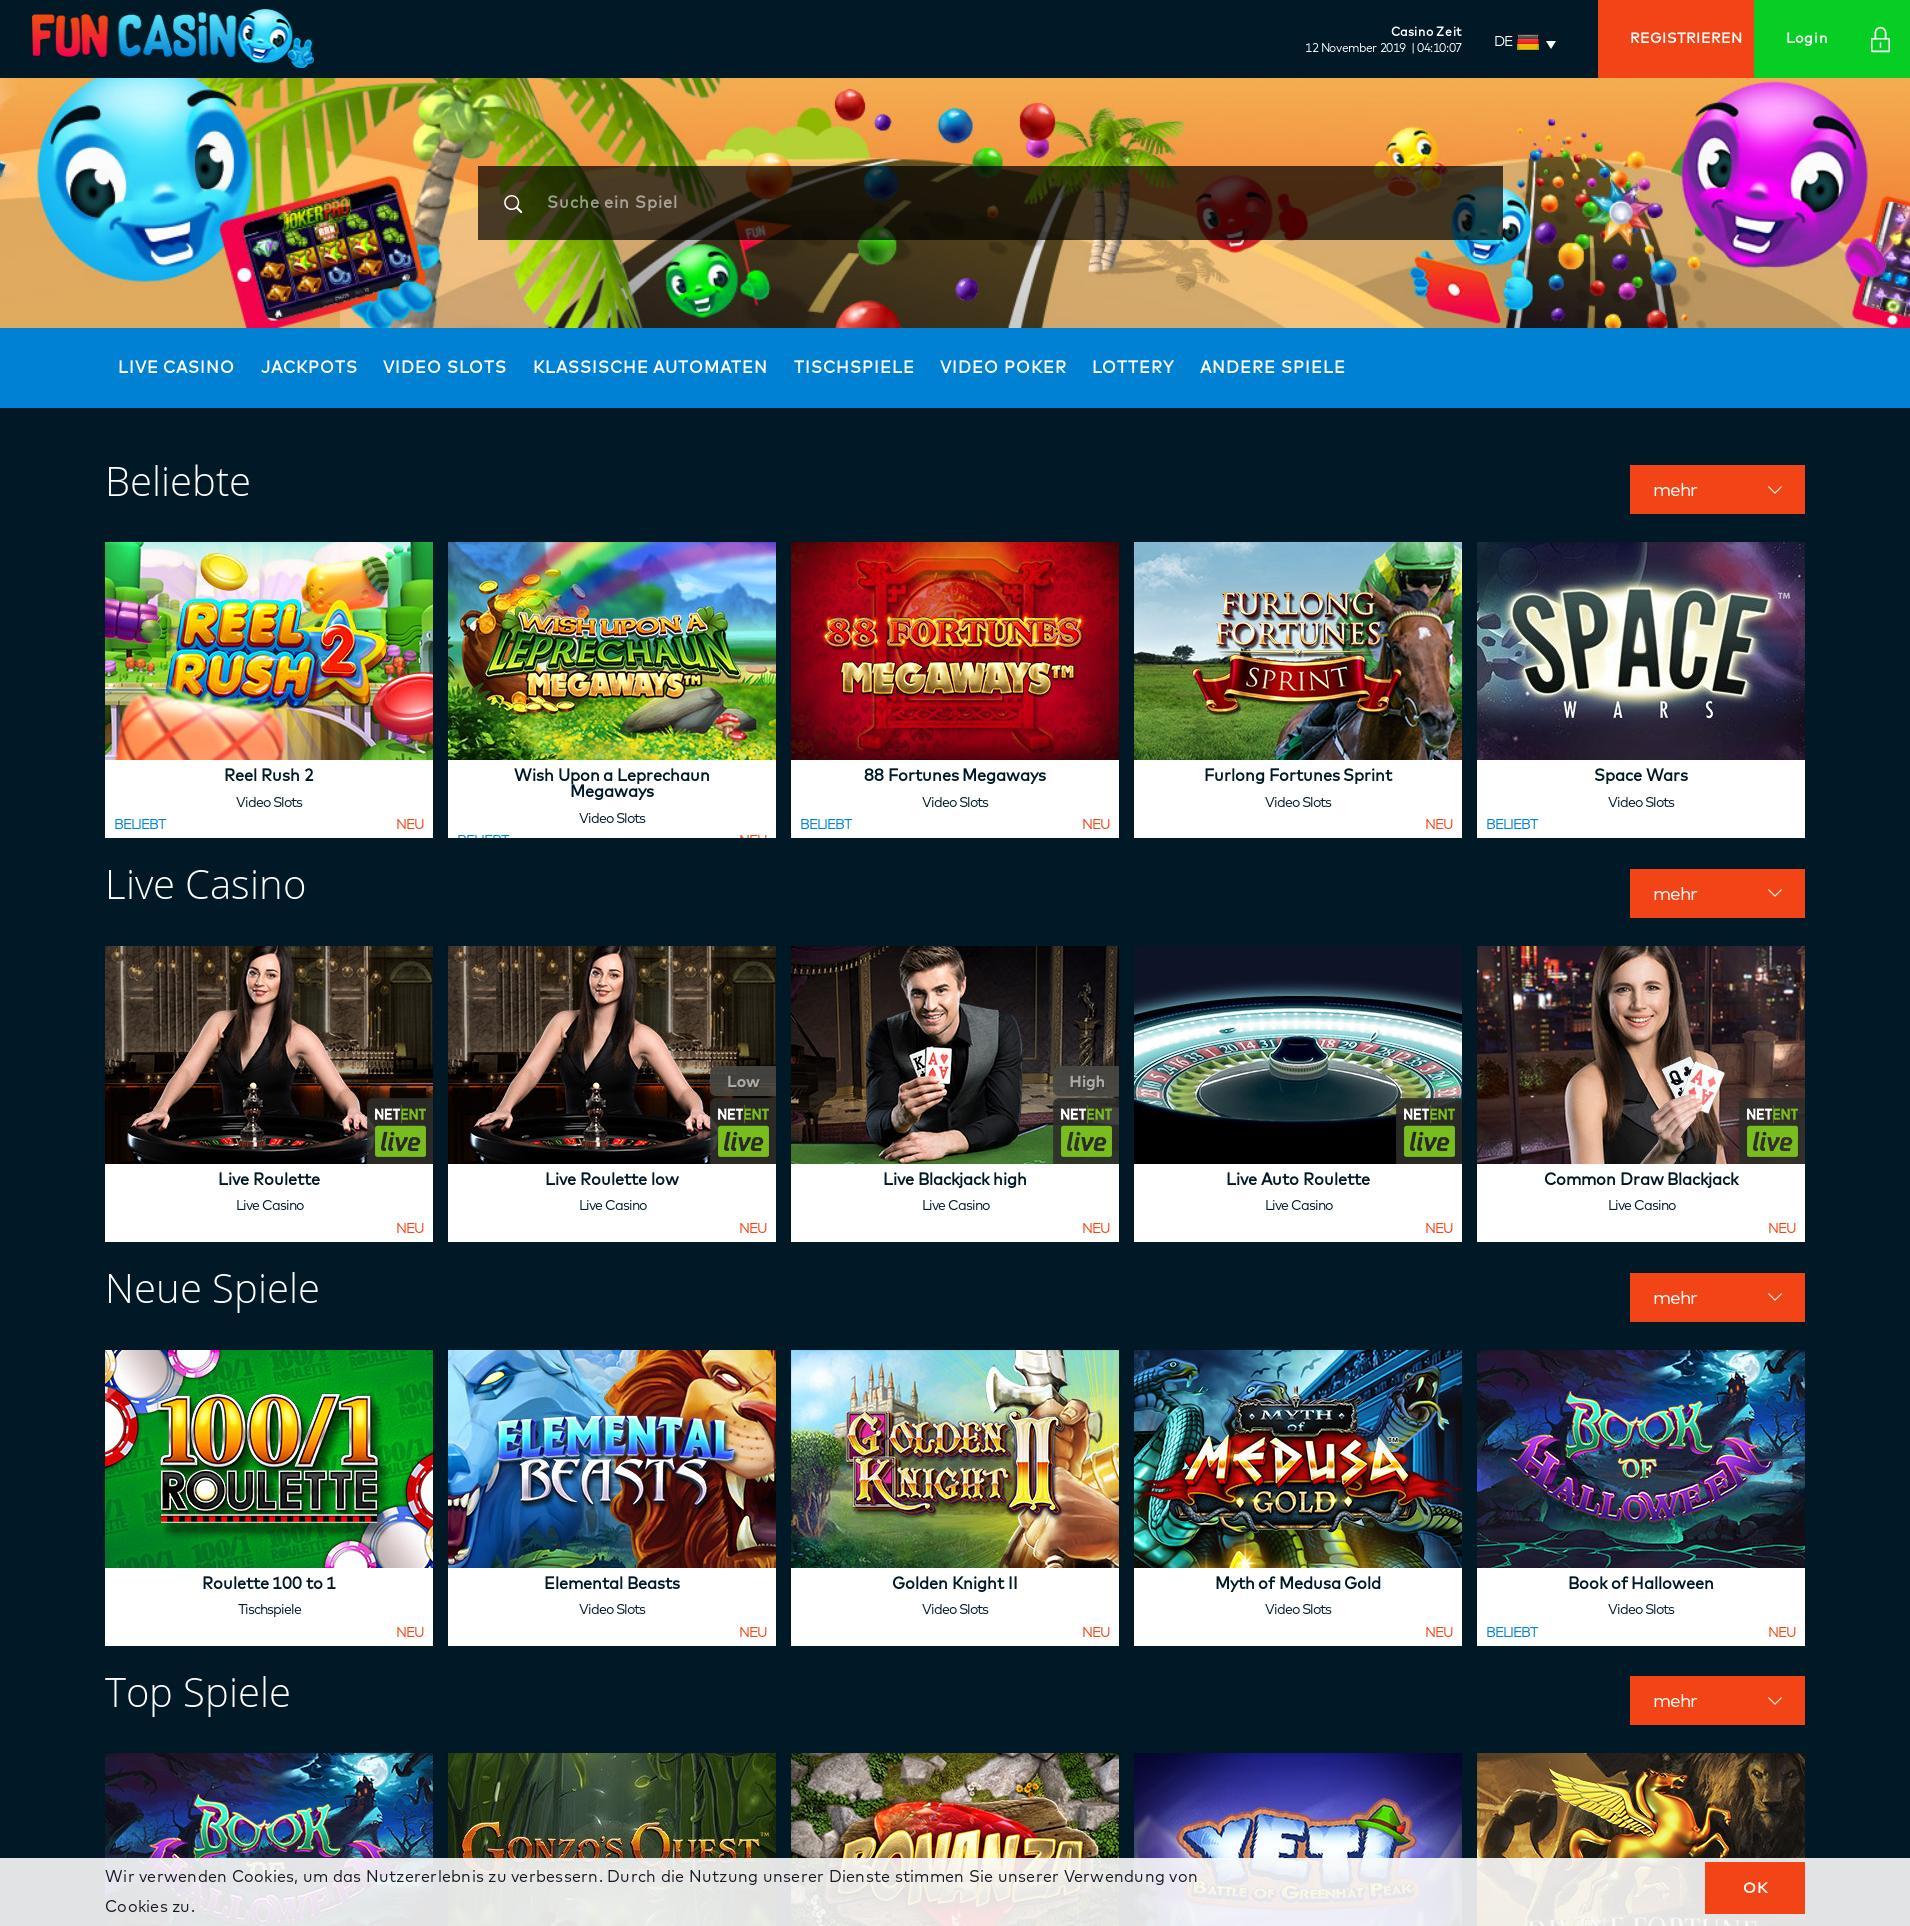 Casino Bildschirm Lobby 2019-11-12 zum Deutschland